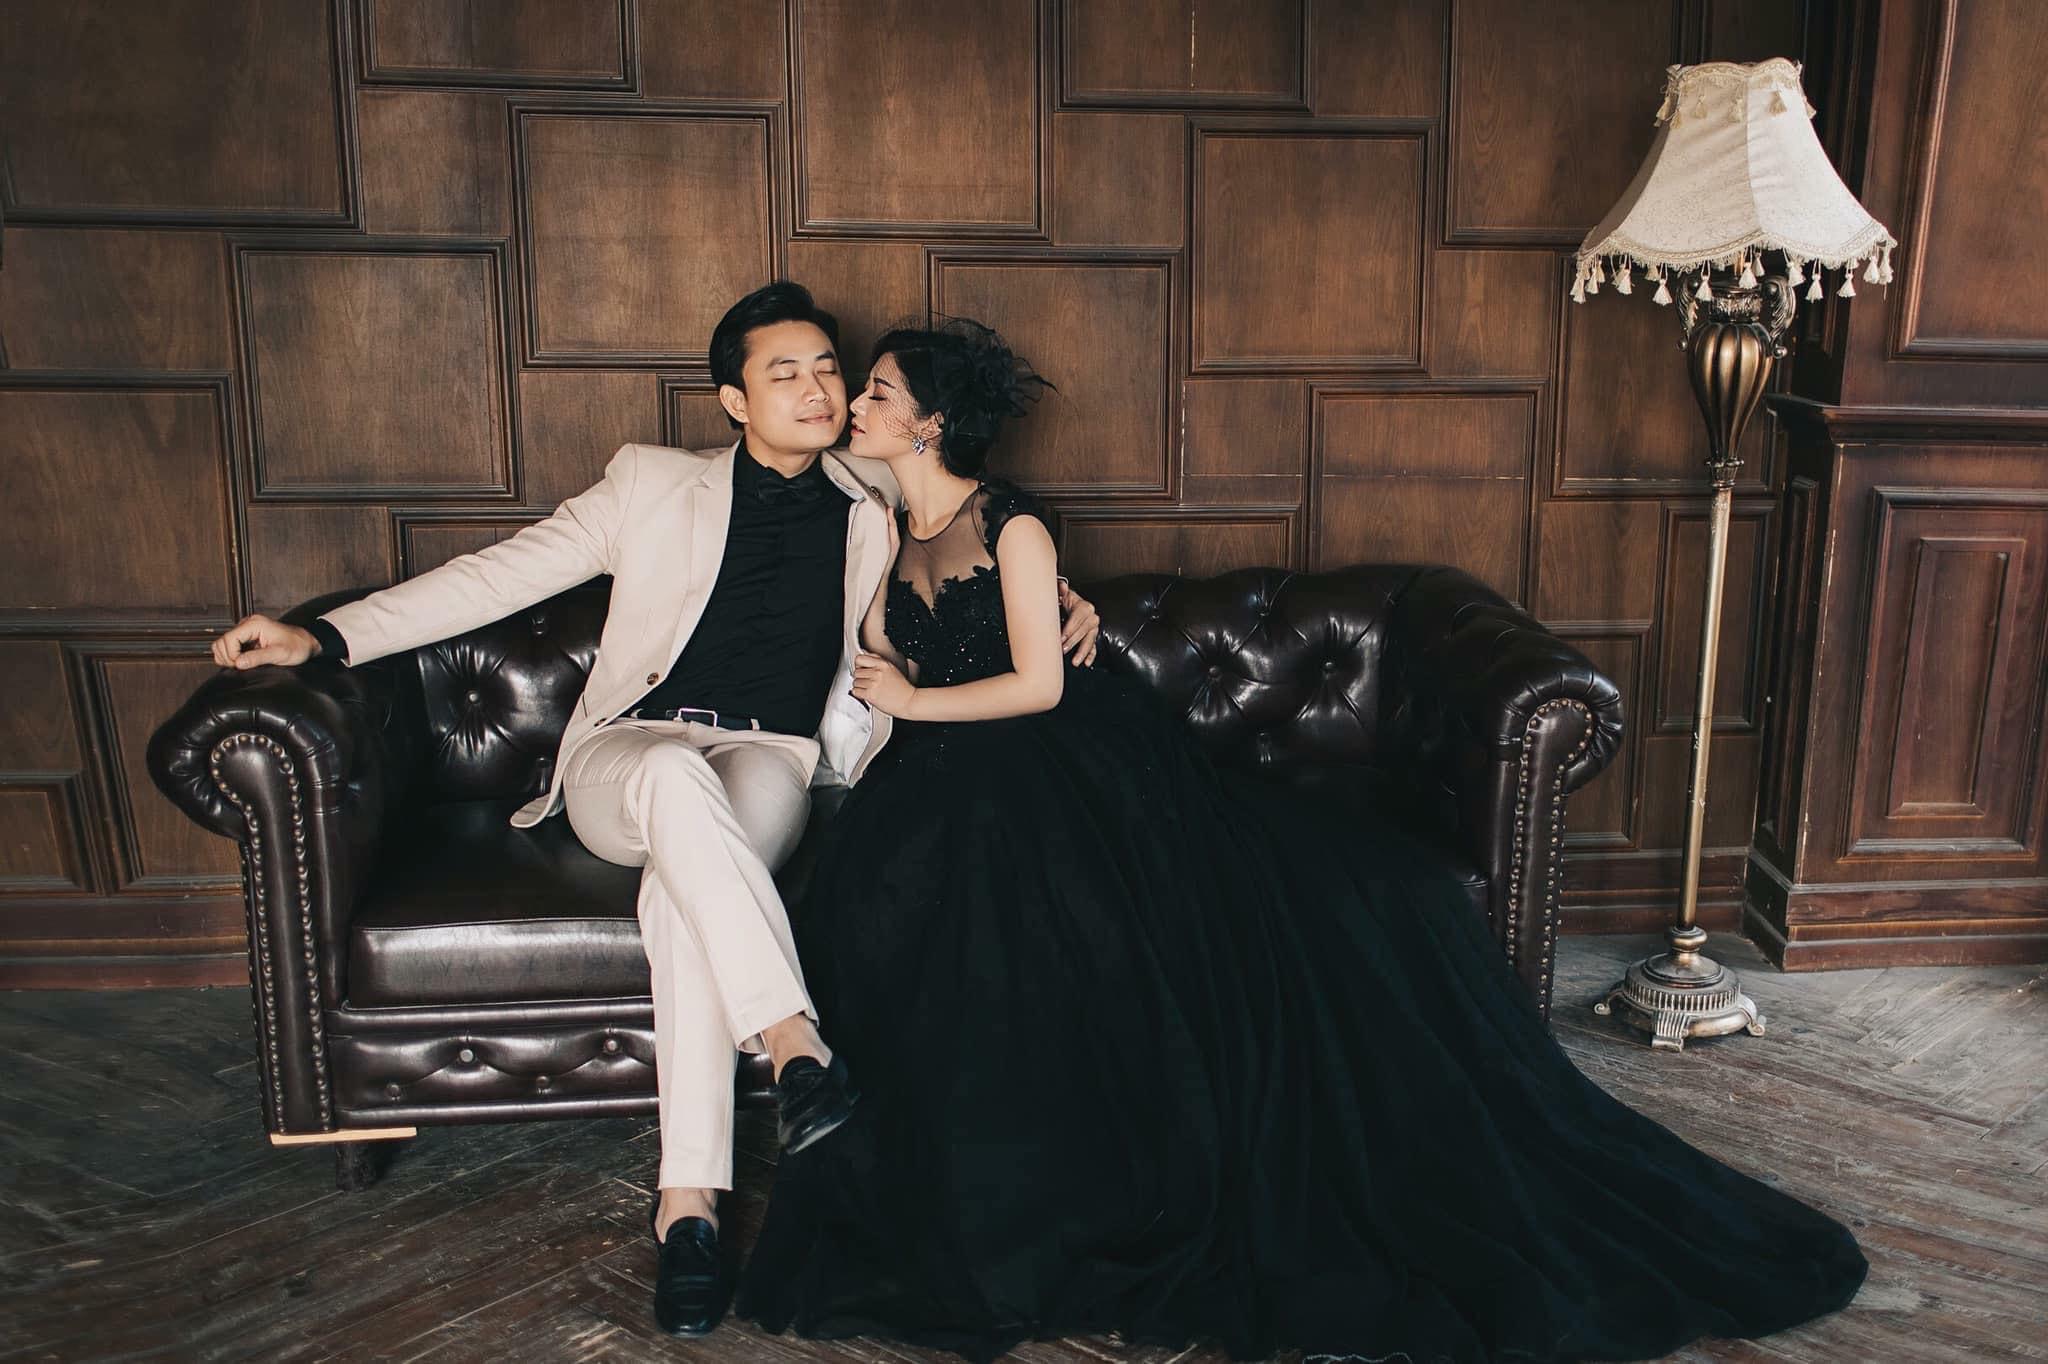 Phản ứng của vợ Tiến Lộc khi xem cảnh nhạy cảm của chồng trong '11 tháng 5 ngày'